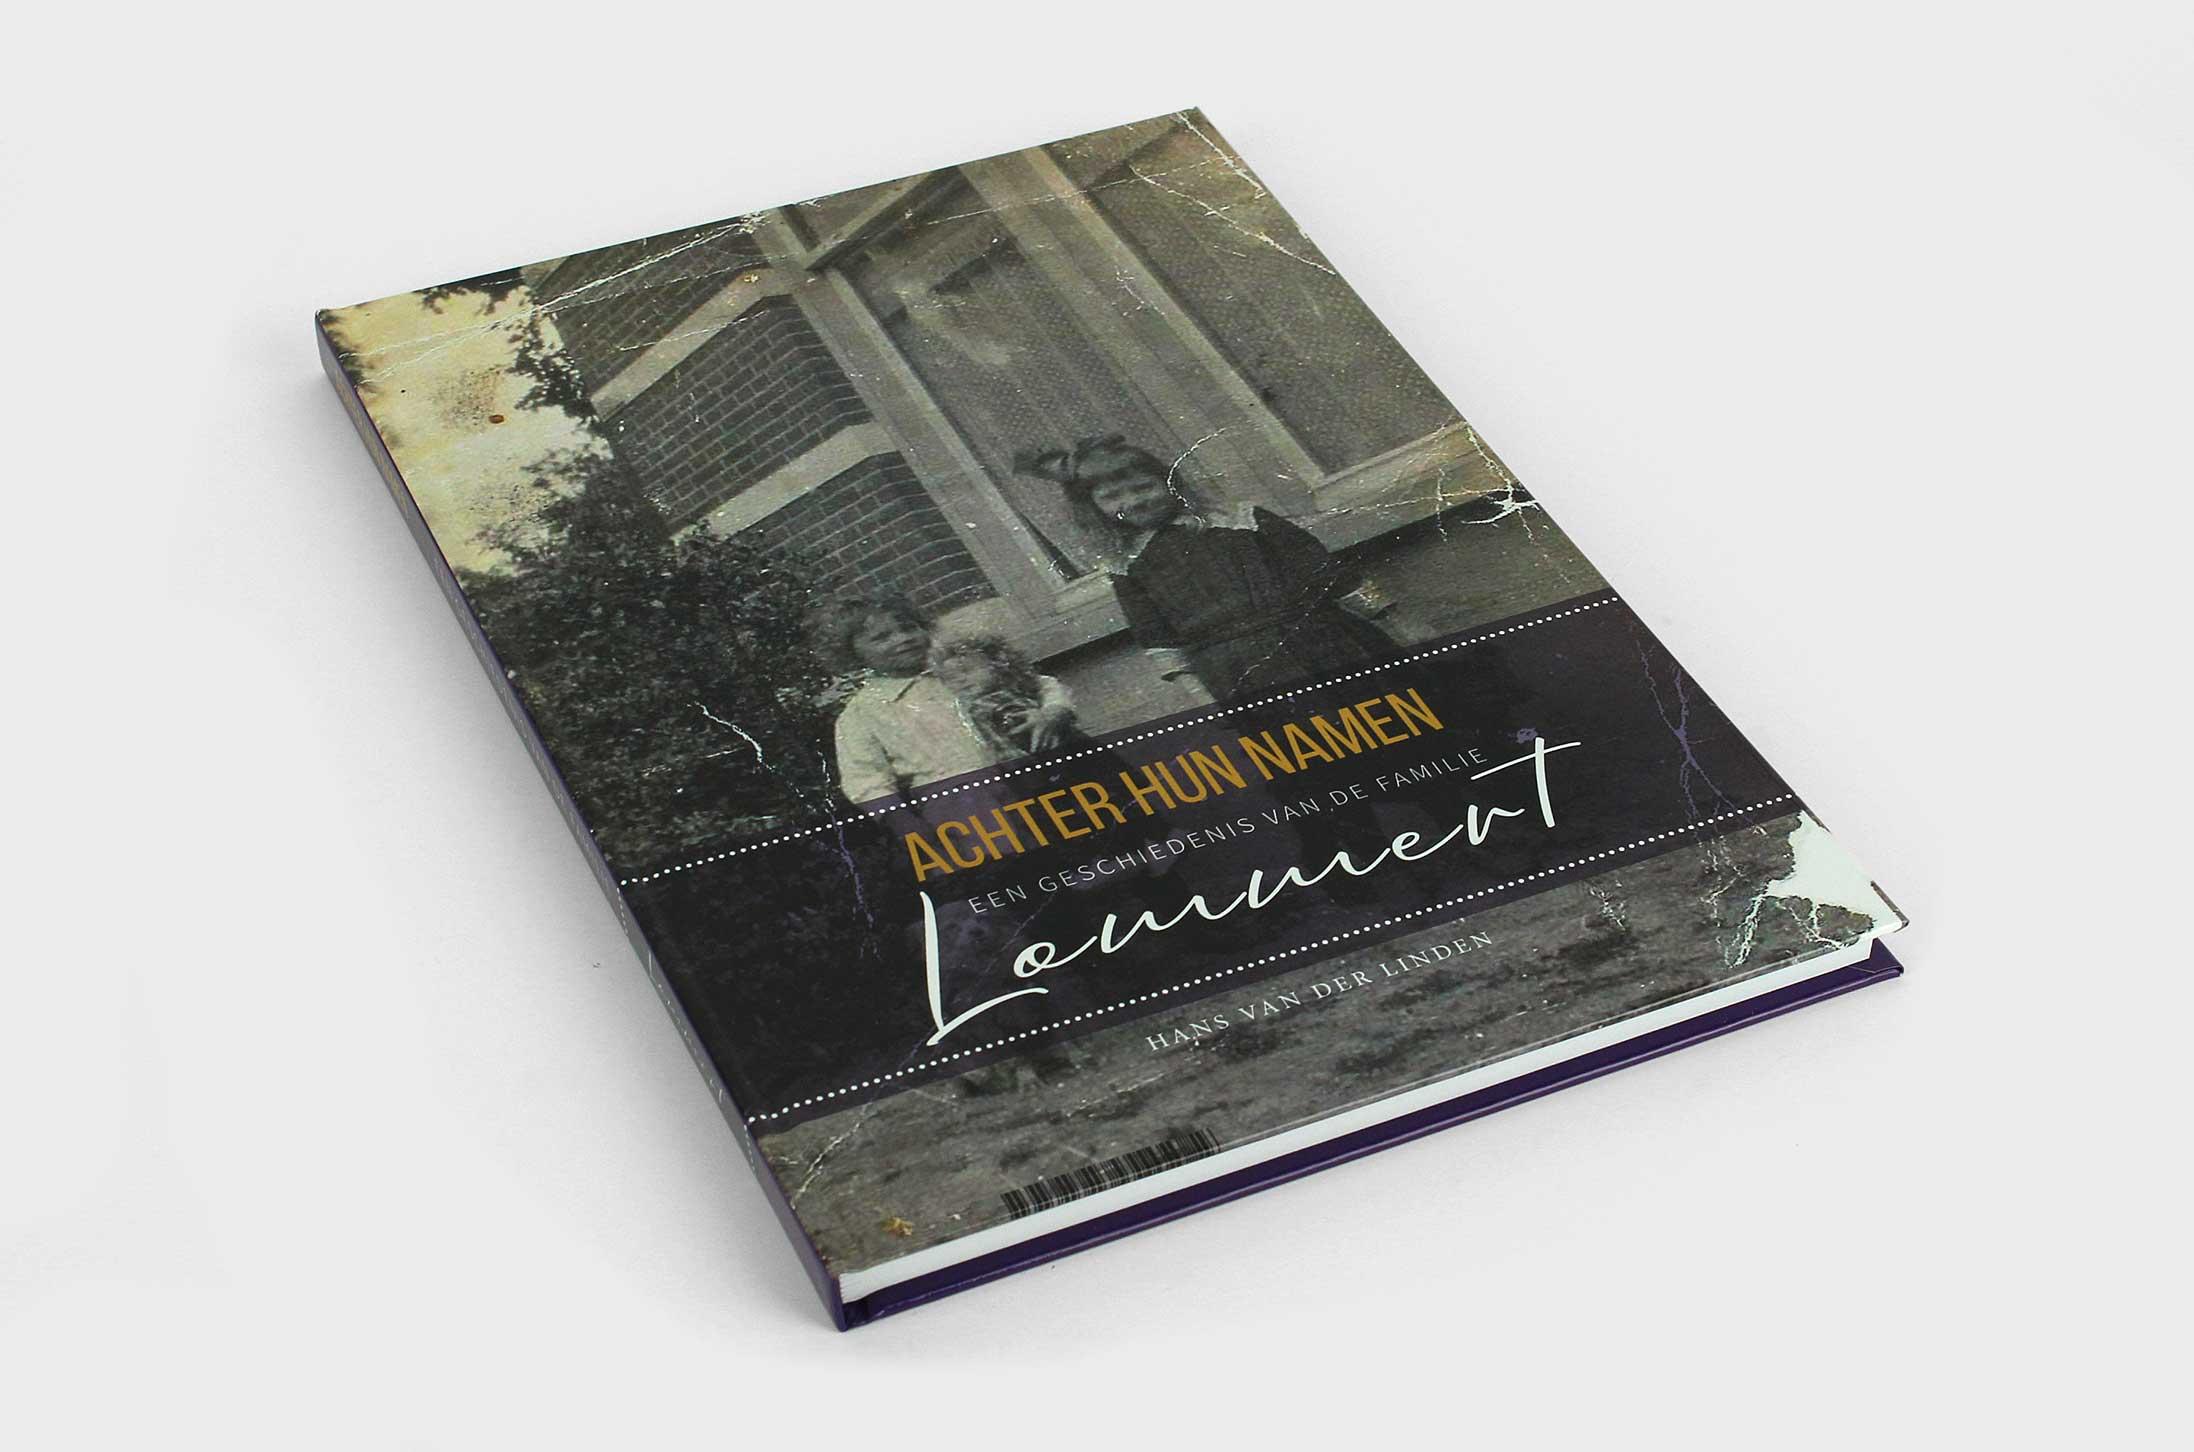 Achter hun namen – een geschiedenis van de familie Lommert